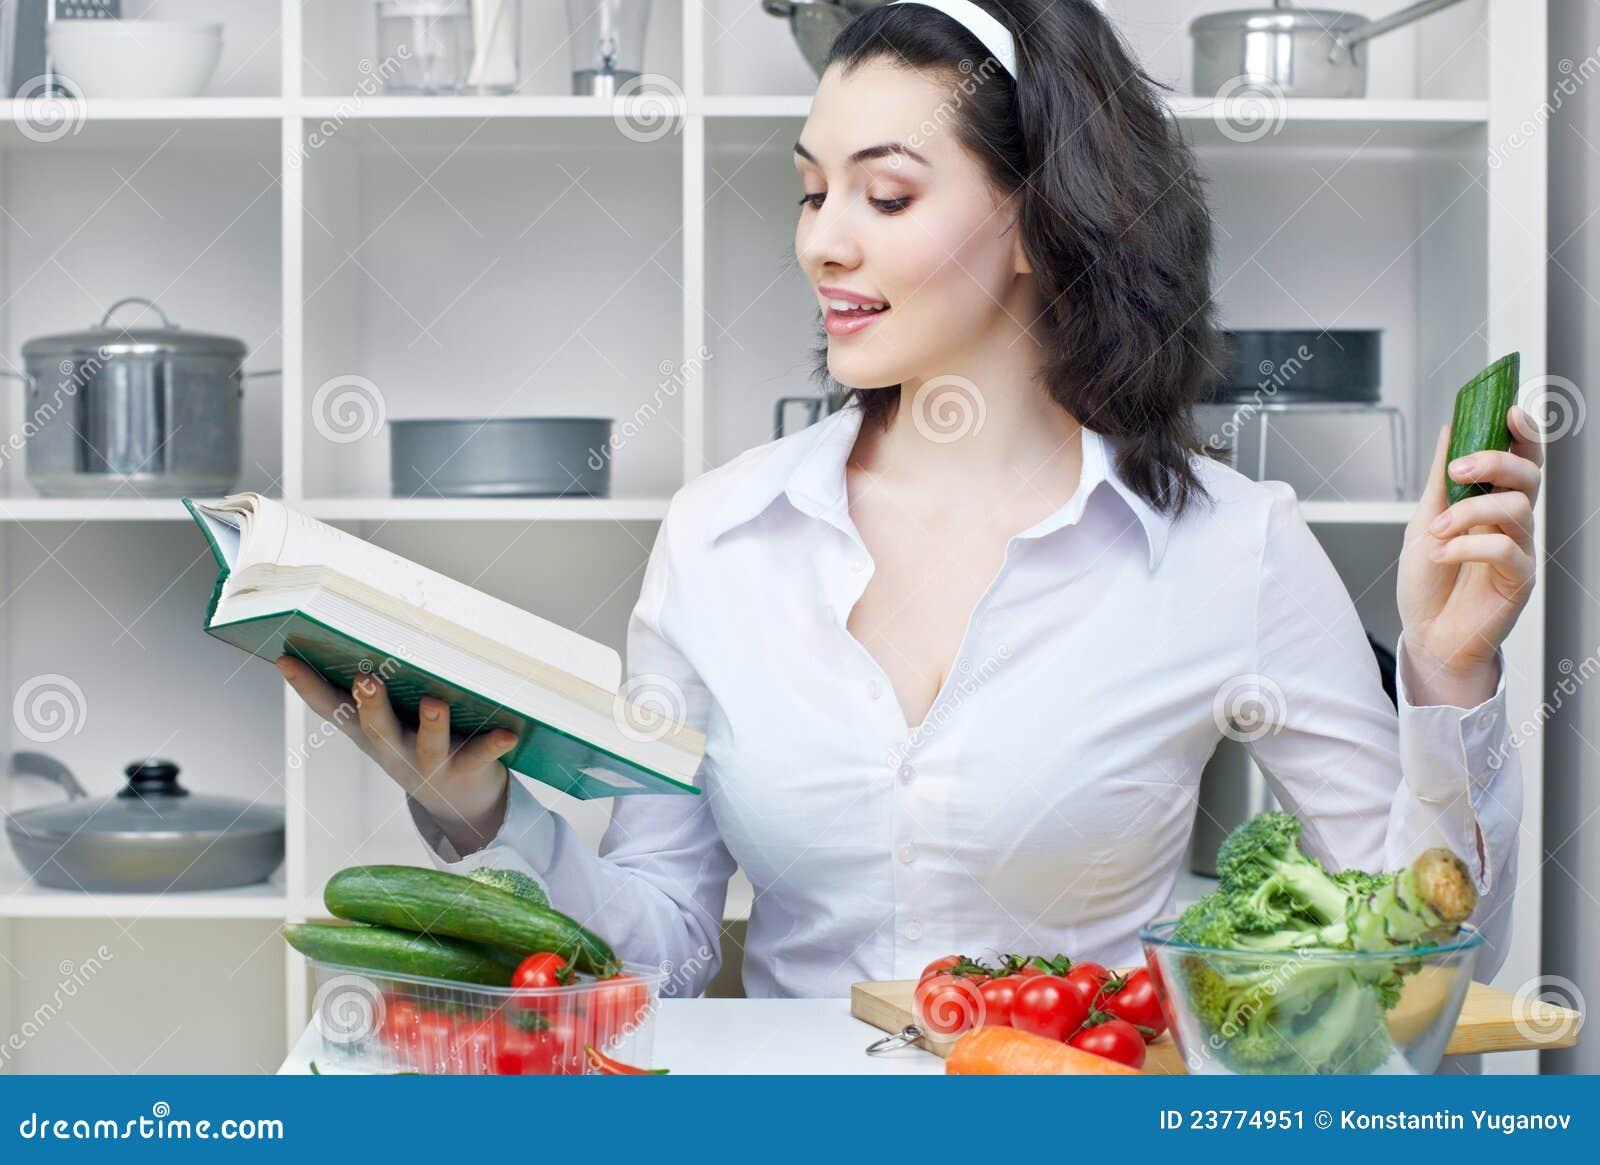 Маргарита королева экономная диета